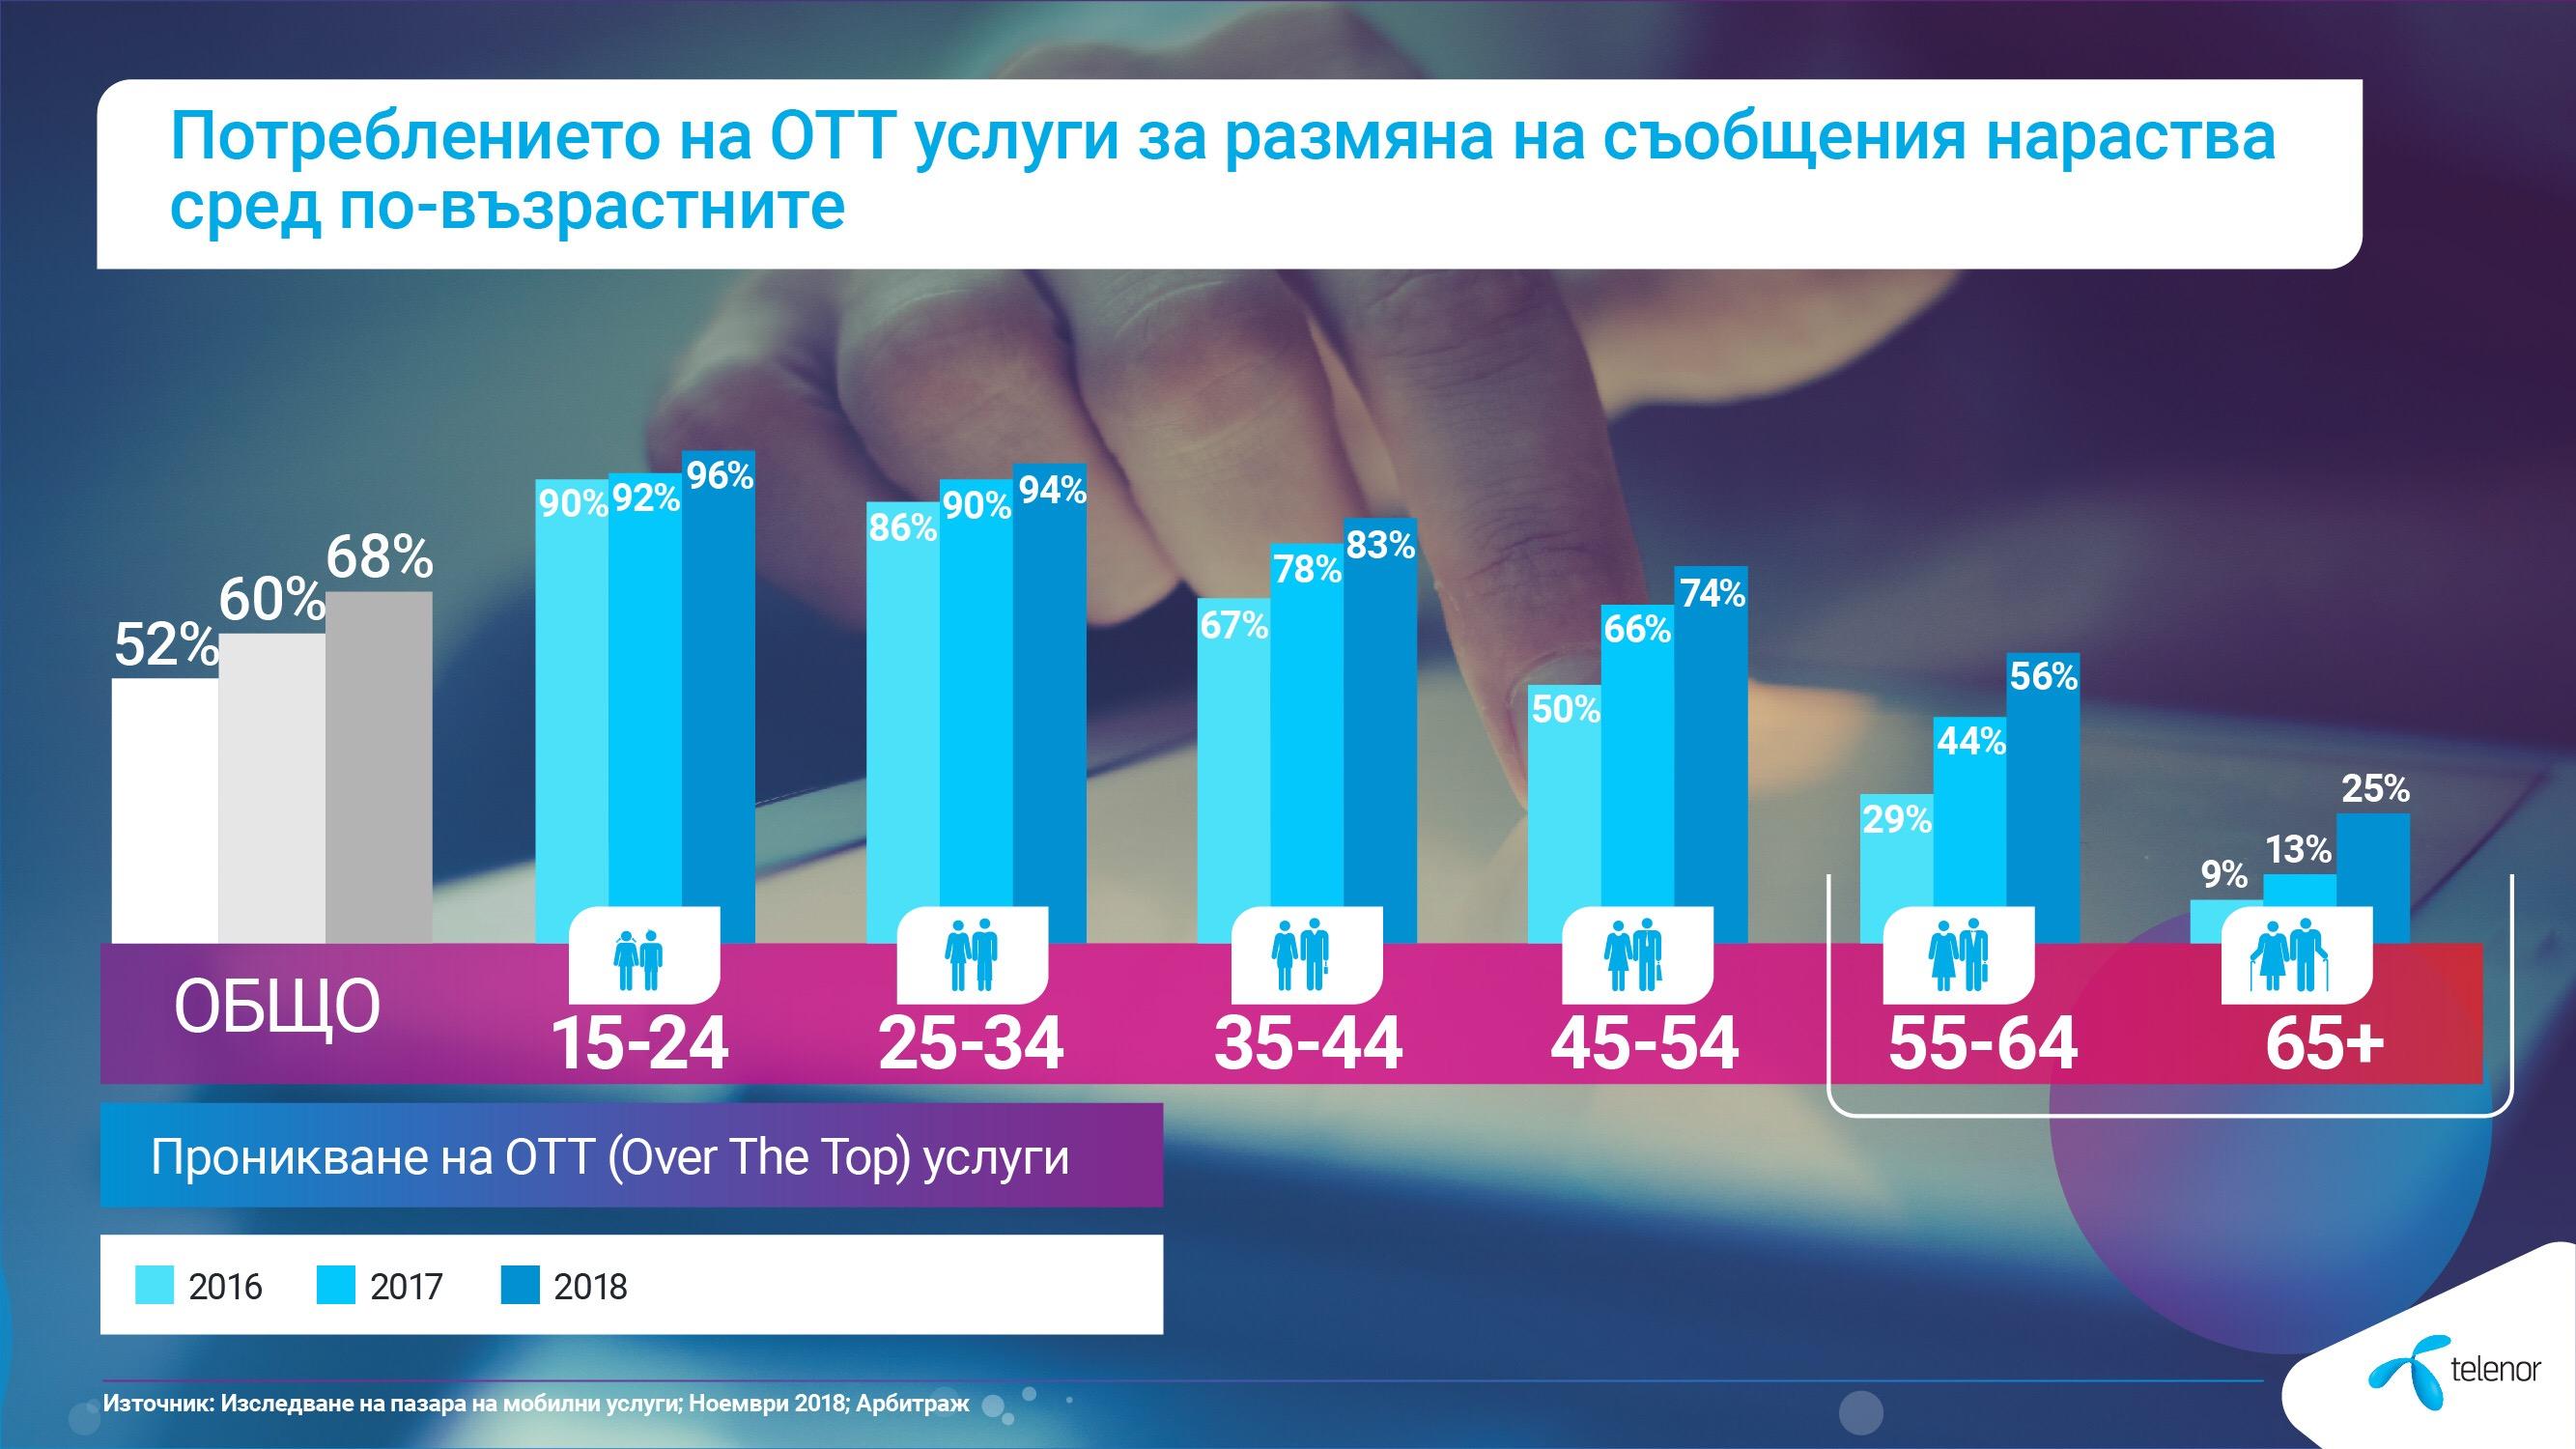 OTT Потребители в България